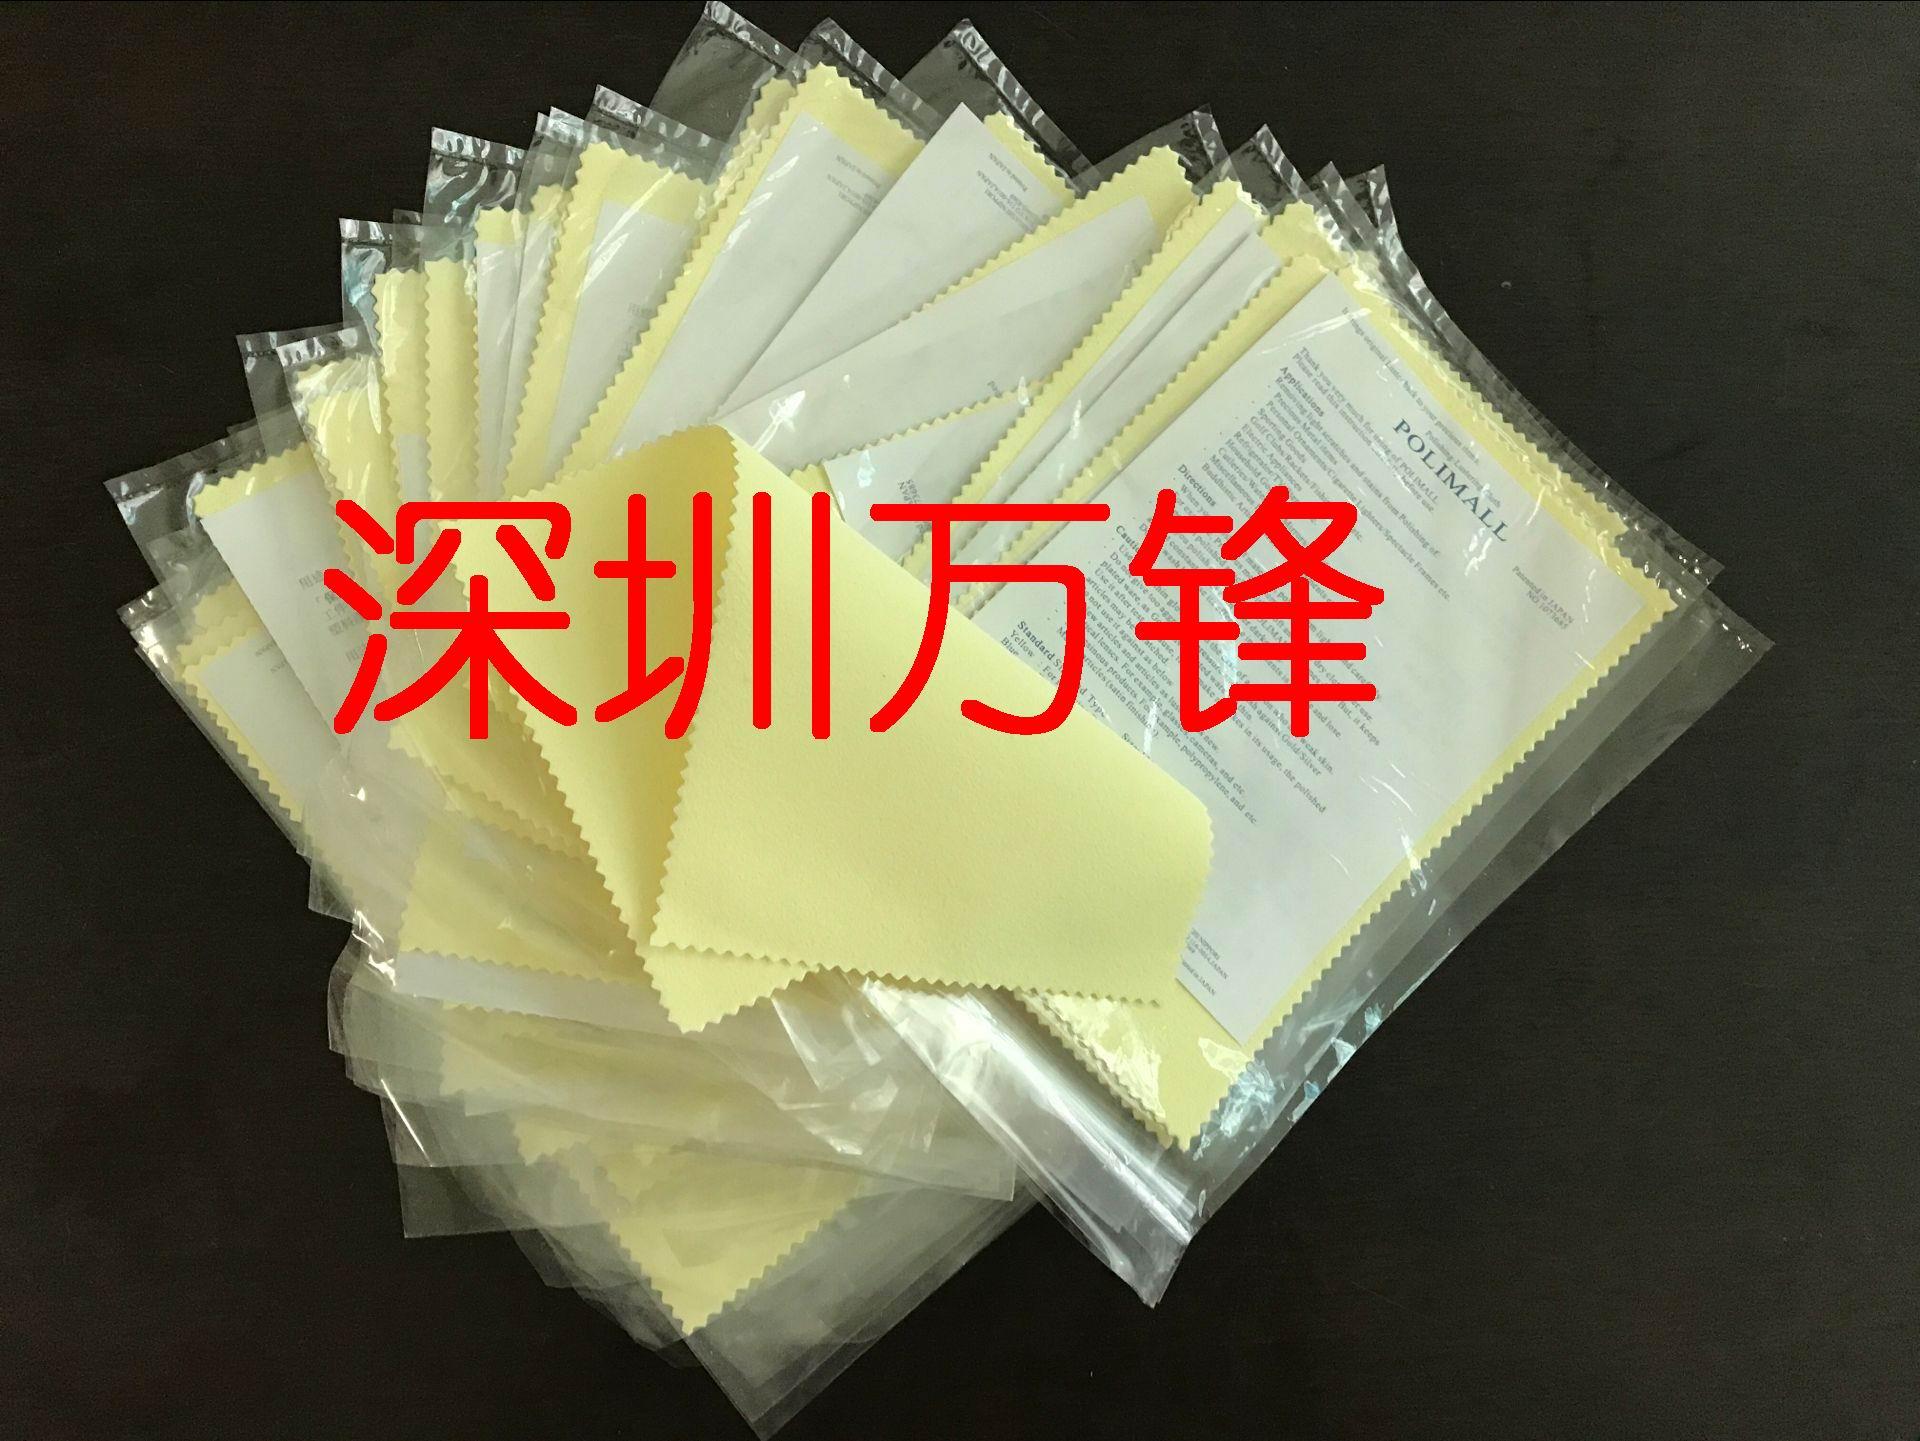 光阳社擦拭布 电镀产品抛光布 磨具抛光 镜面抛光 koyo